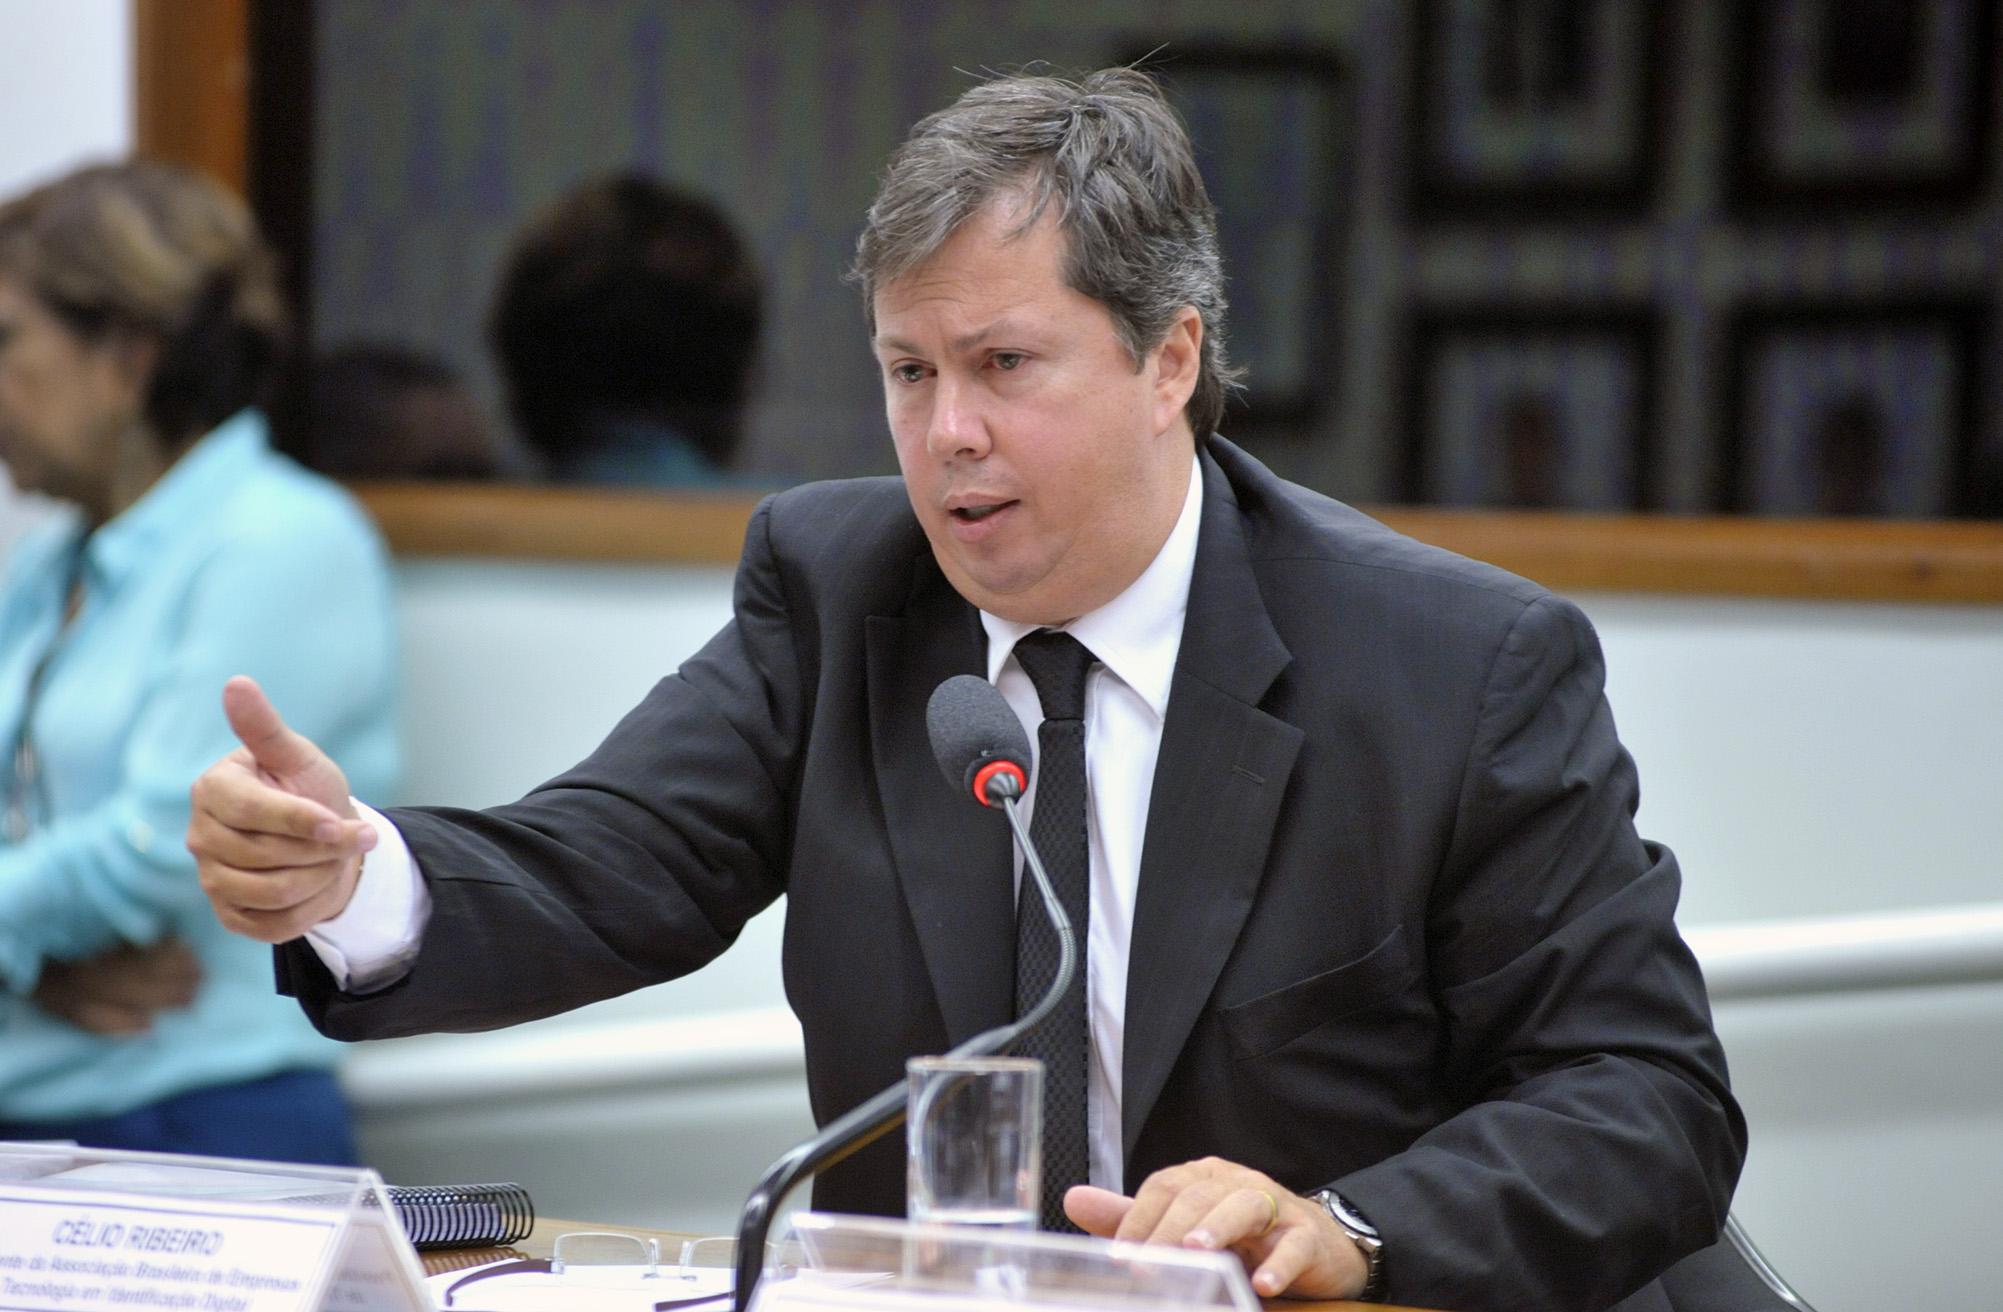 Reunião Ordinária. Presidente da Associação Brasileira de Empresas de Tecnologia em Identificação Digital, Célio Ribeiro